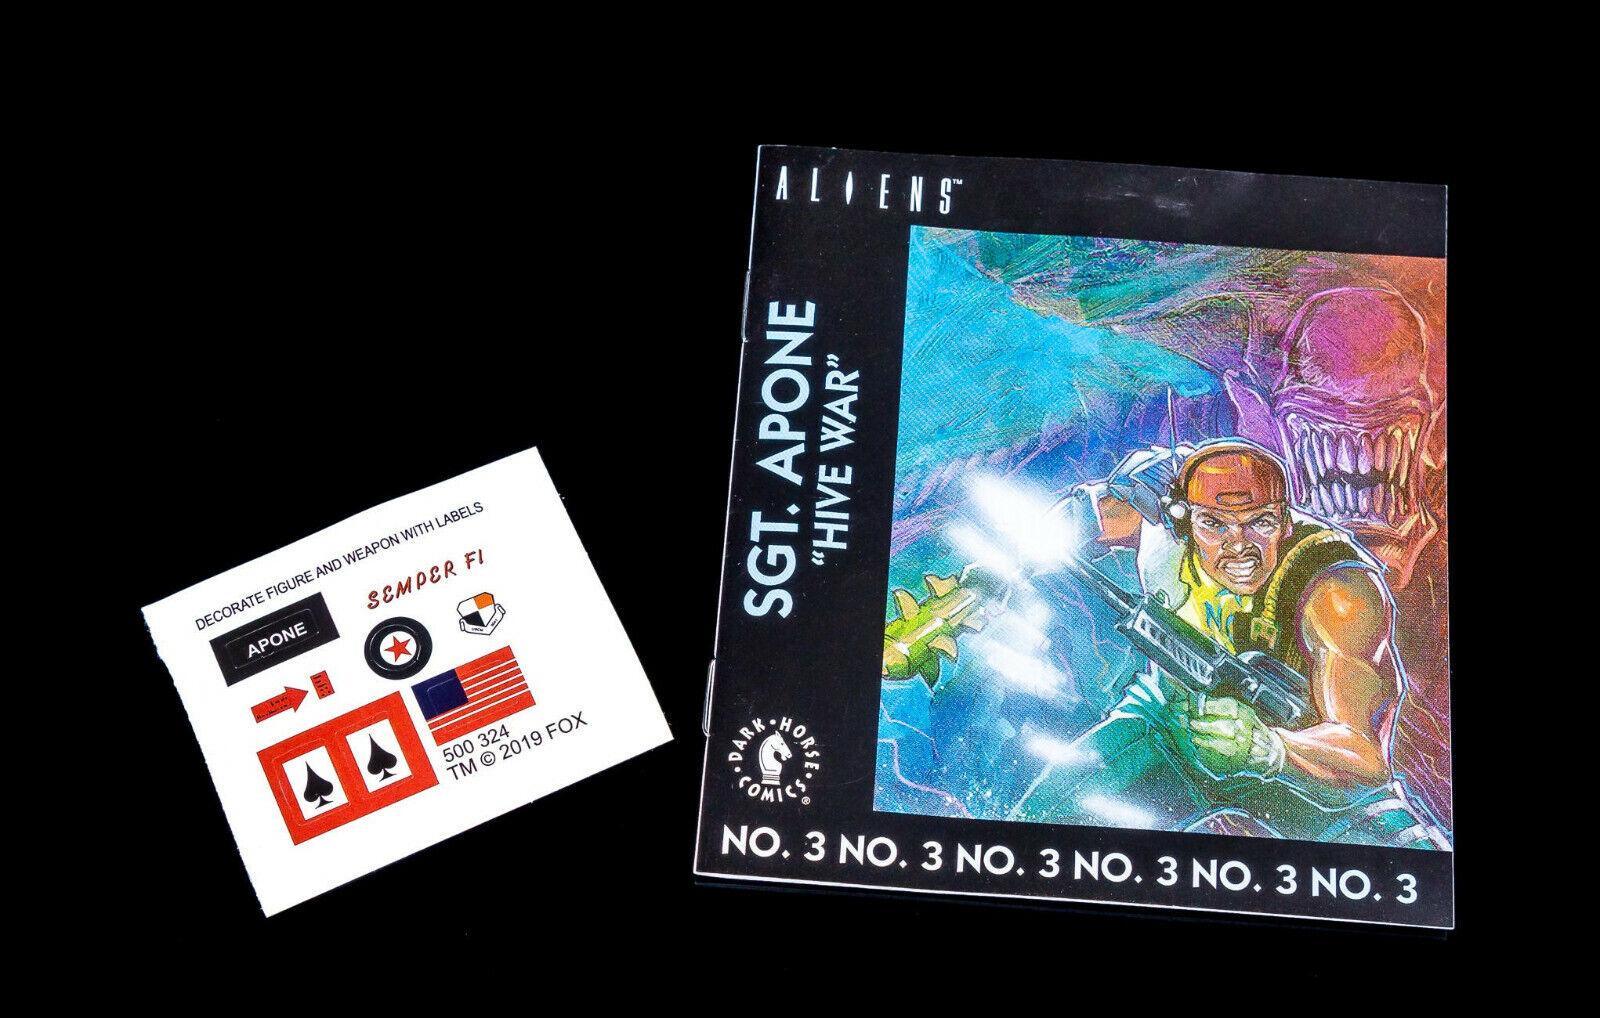 Neca Aliens - Space Marine Dice Apone - - - The War - Figura de Acción -   Nuevo Ovp a0bd20